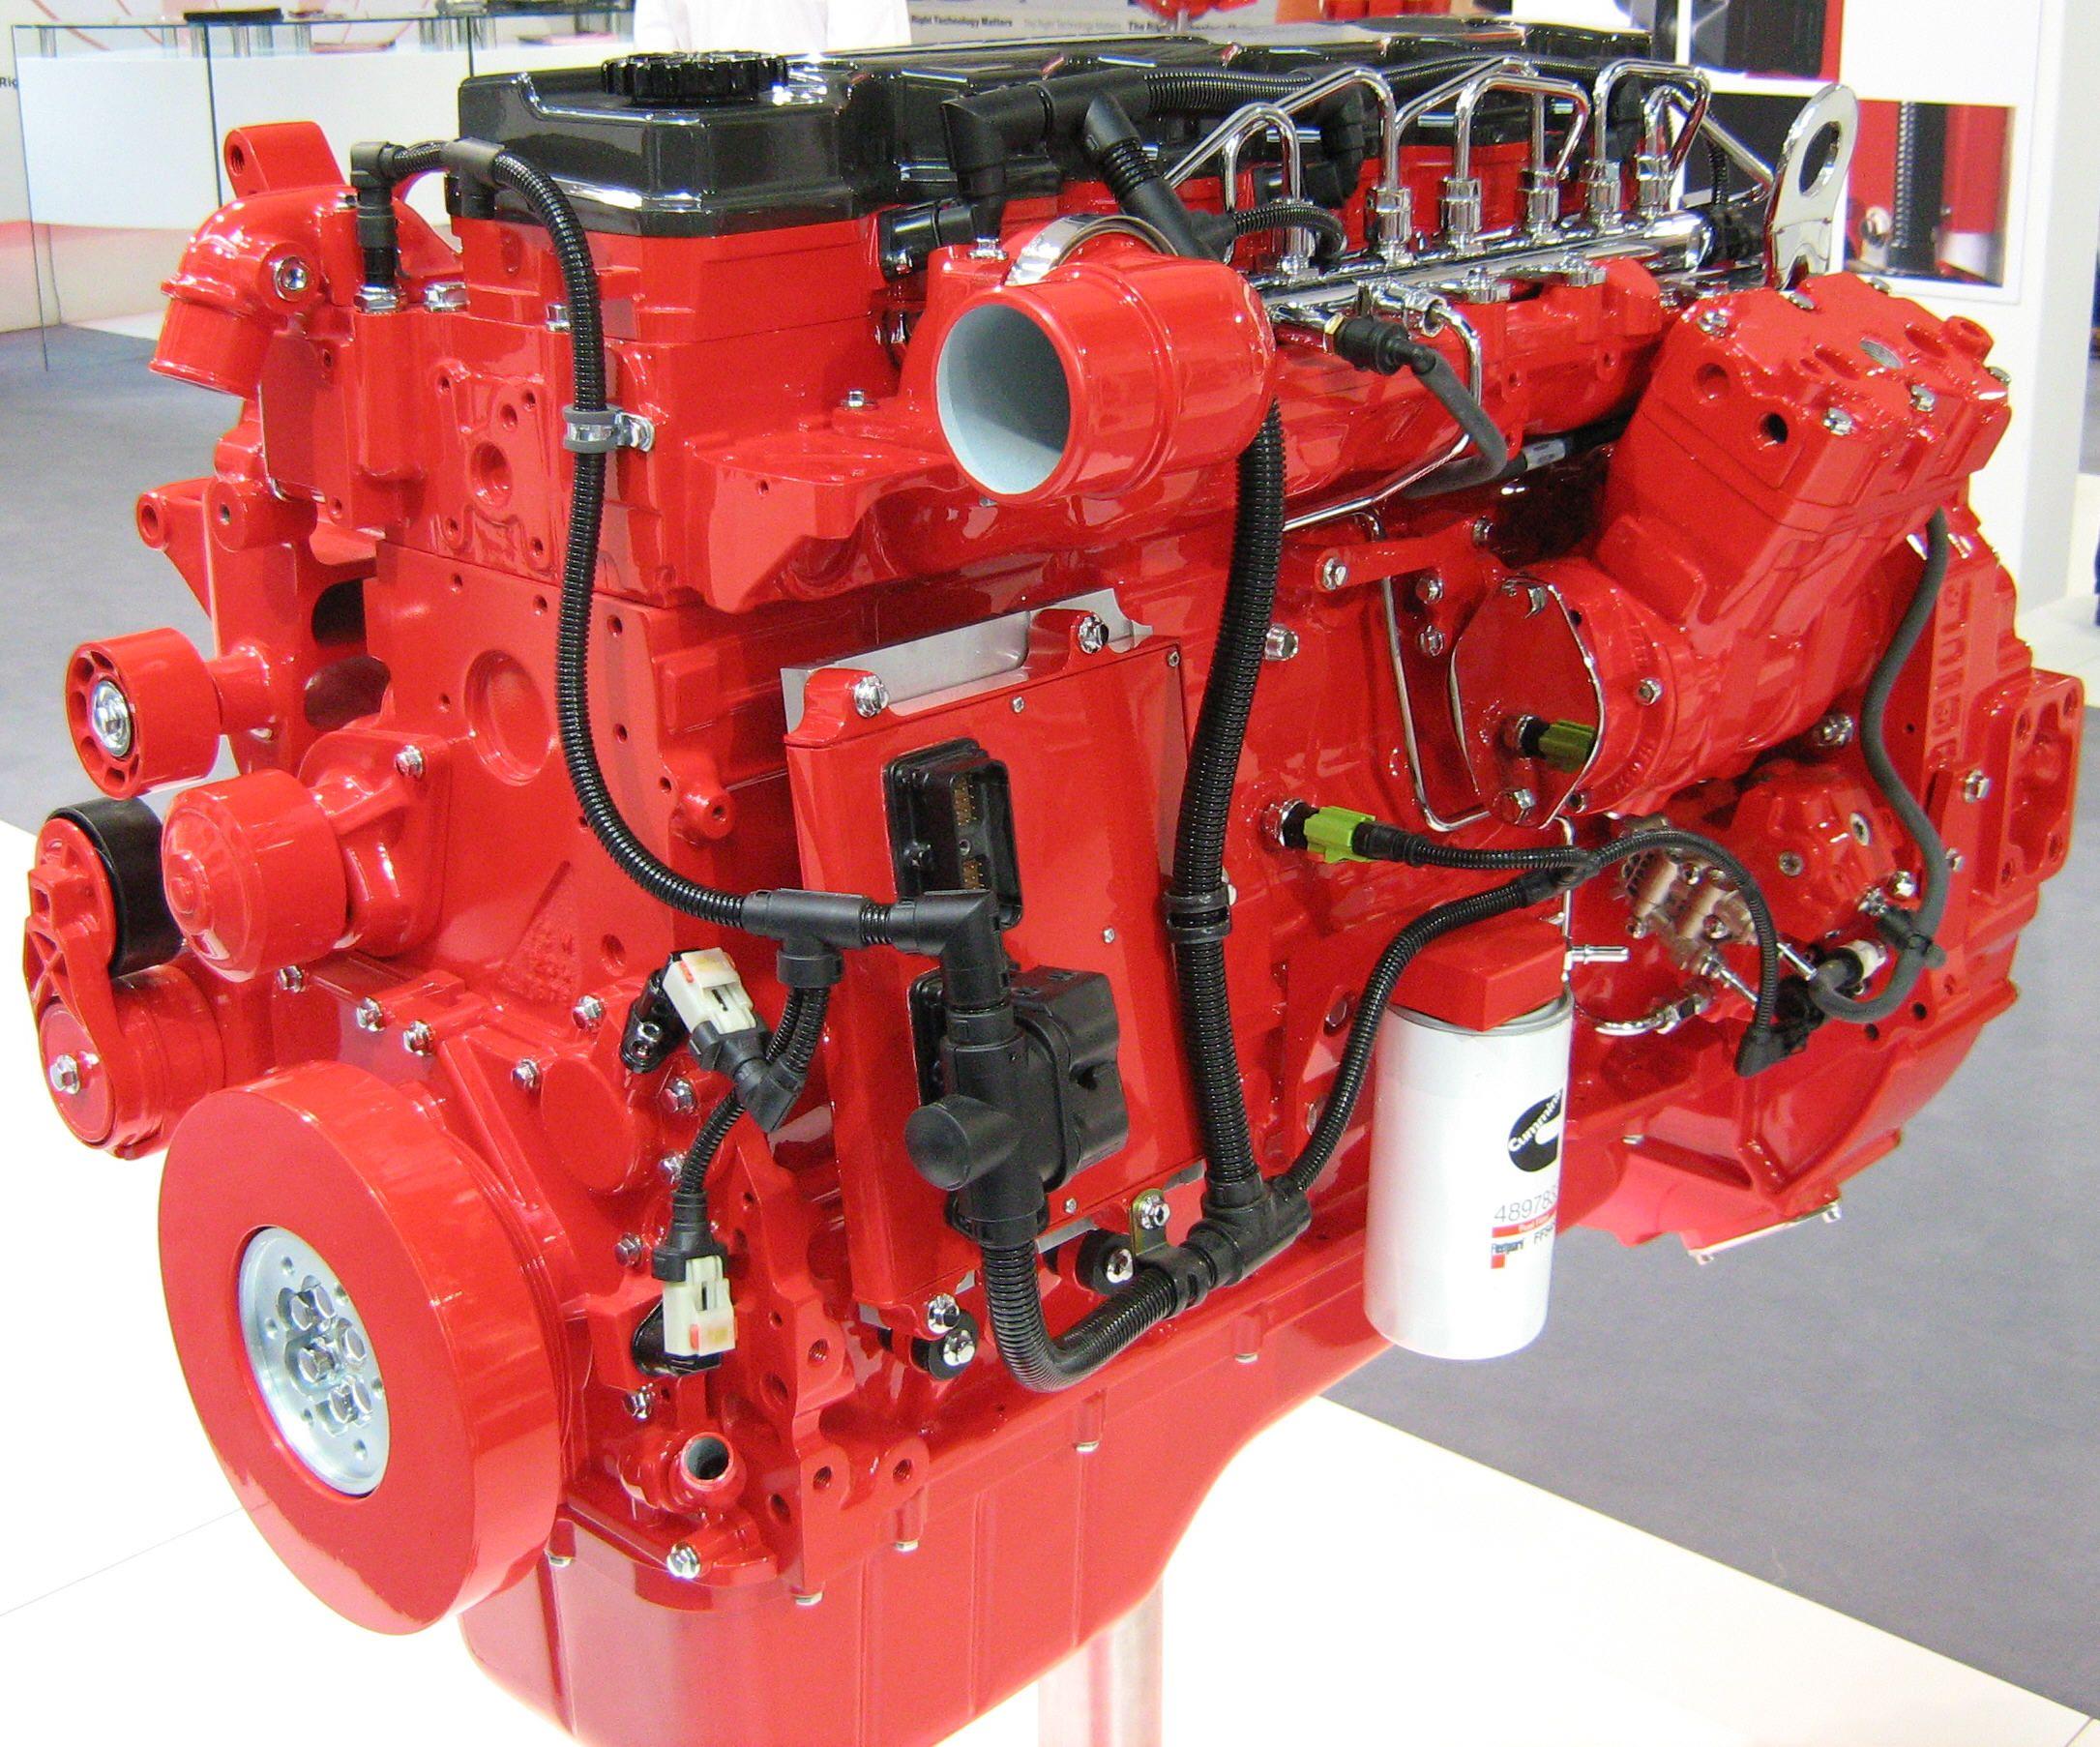 Cummins B Series Engine Cummins Engine Diesel Engine Cummins